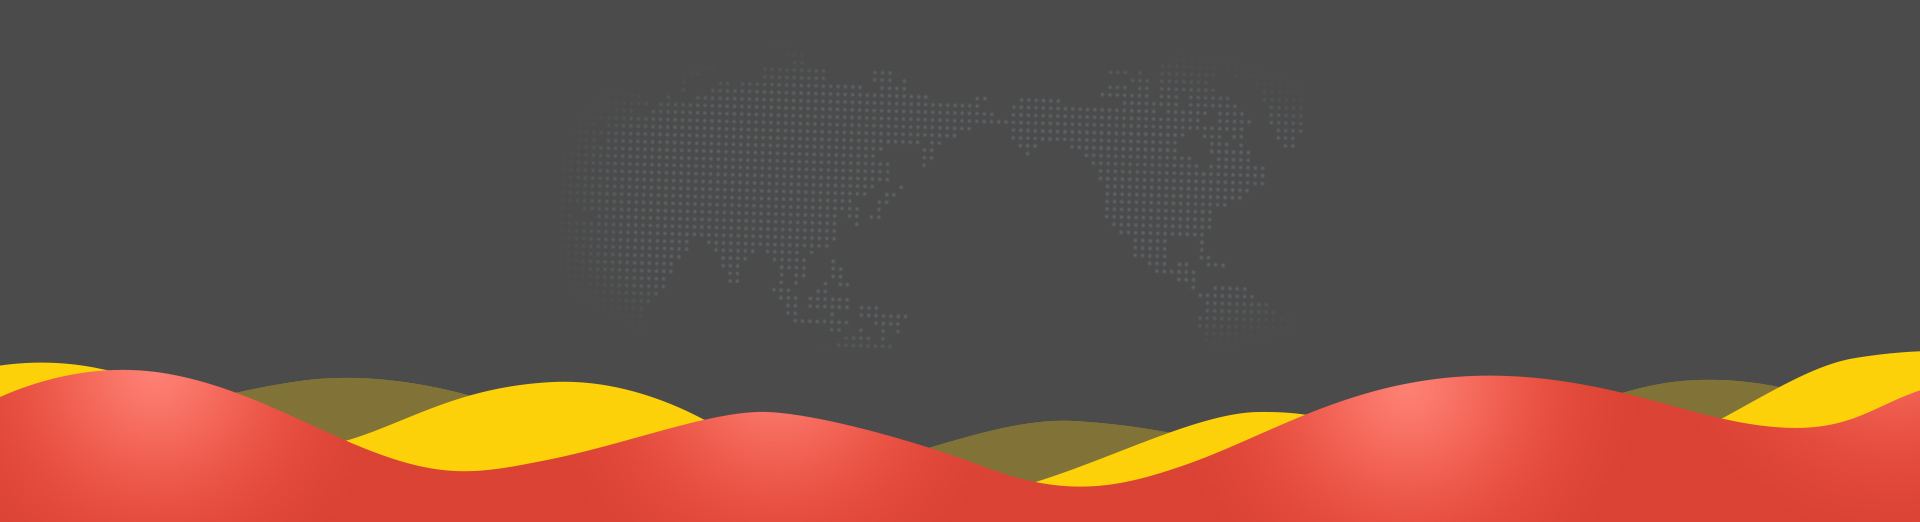 ballbet贝博足彩ballbet贝博app西甲贝博集团有限公司